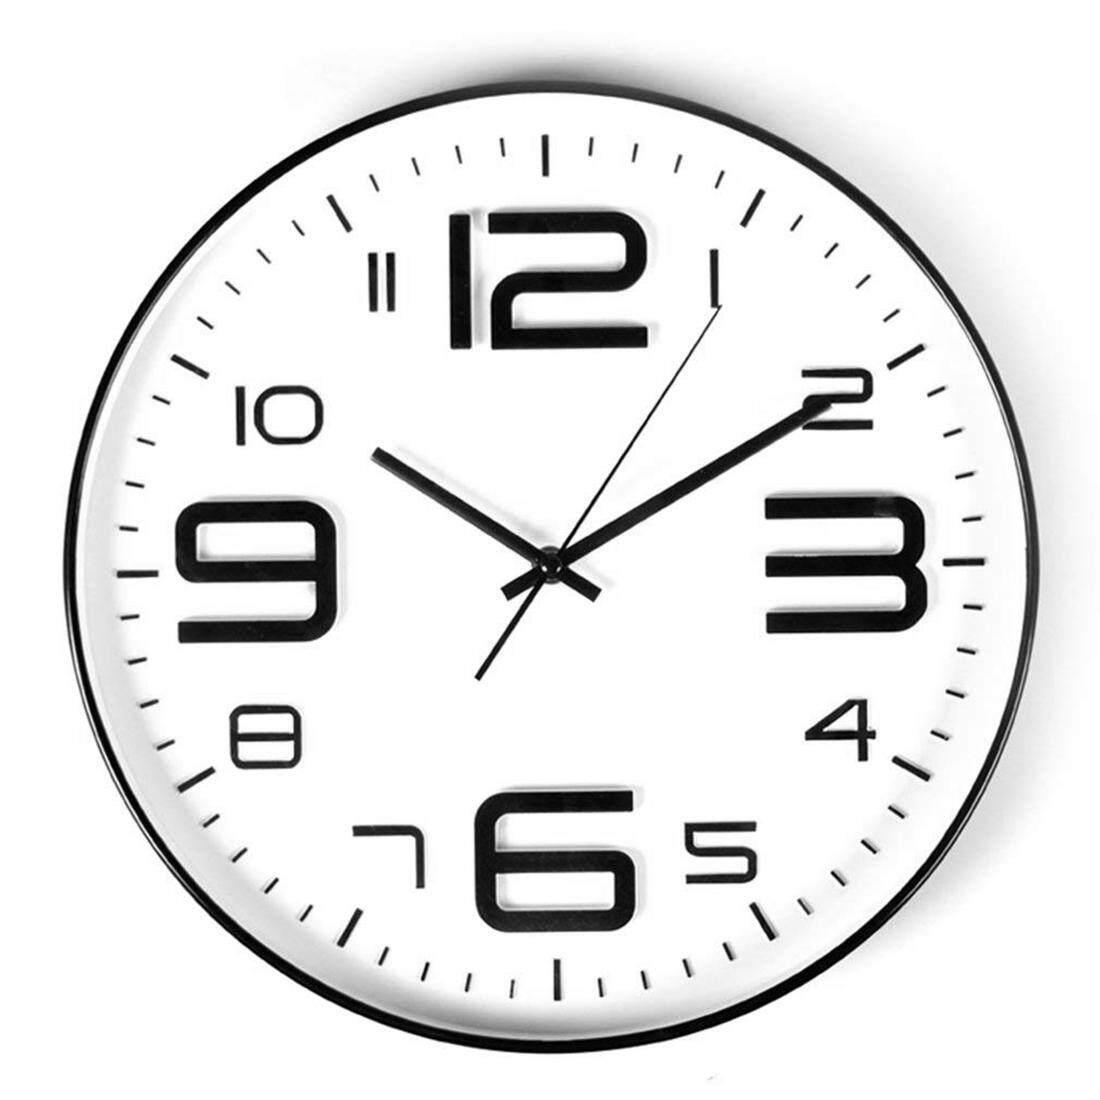 Indoor Big 3D Number Quartz Wall Decor Clock Quiet Sweep Movement Decorative Living Room 10inch Black Edge Free Shipping